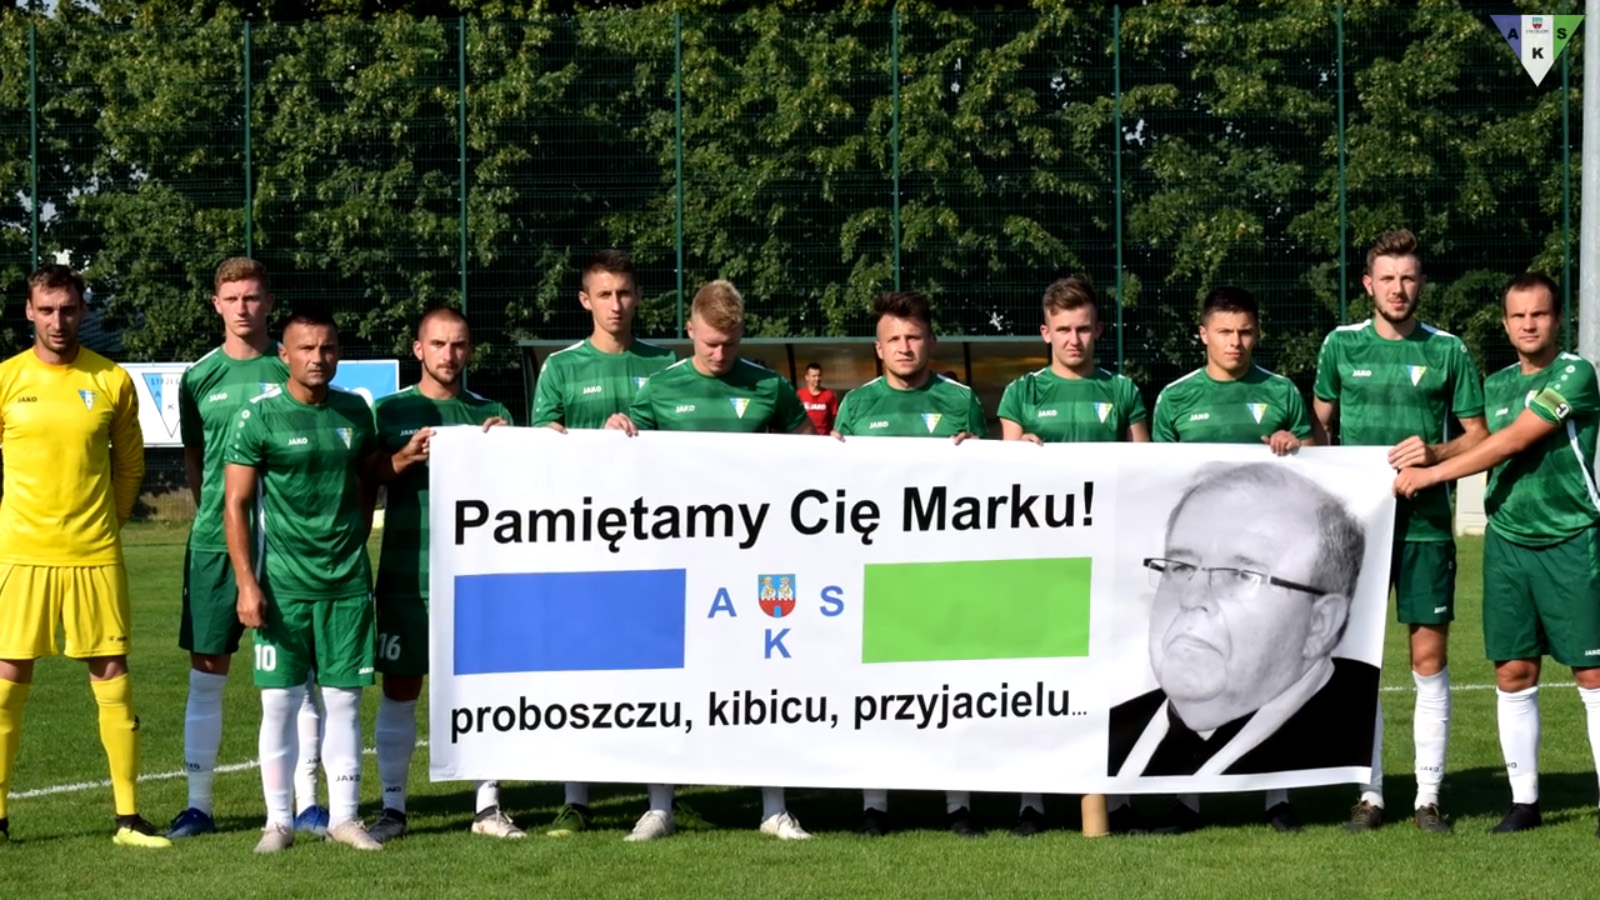 Piłkarze uczcili pamięć zmarłego ks. Marka Żmudy [FILM]